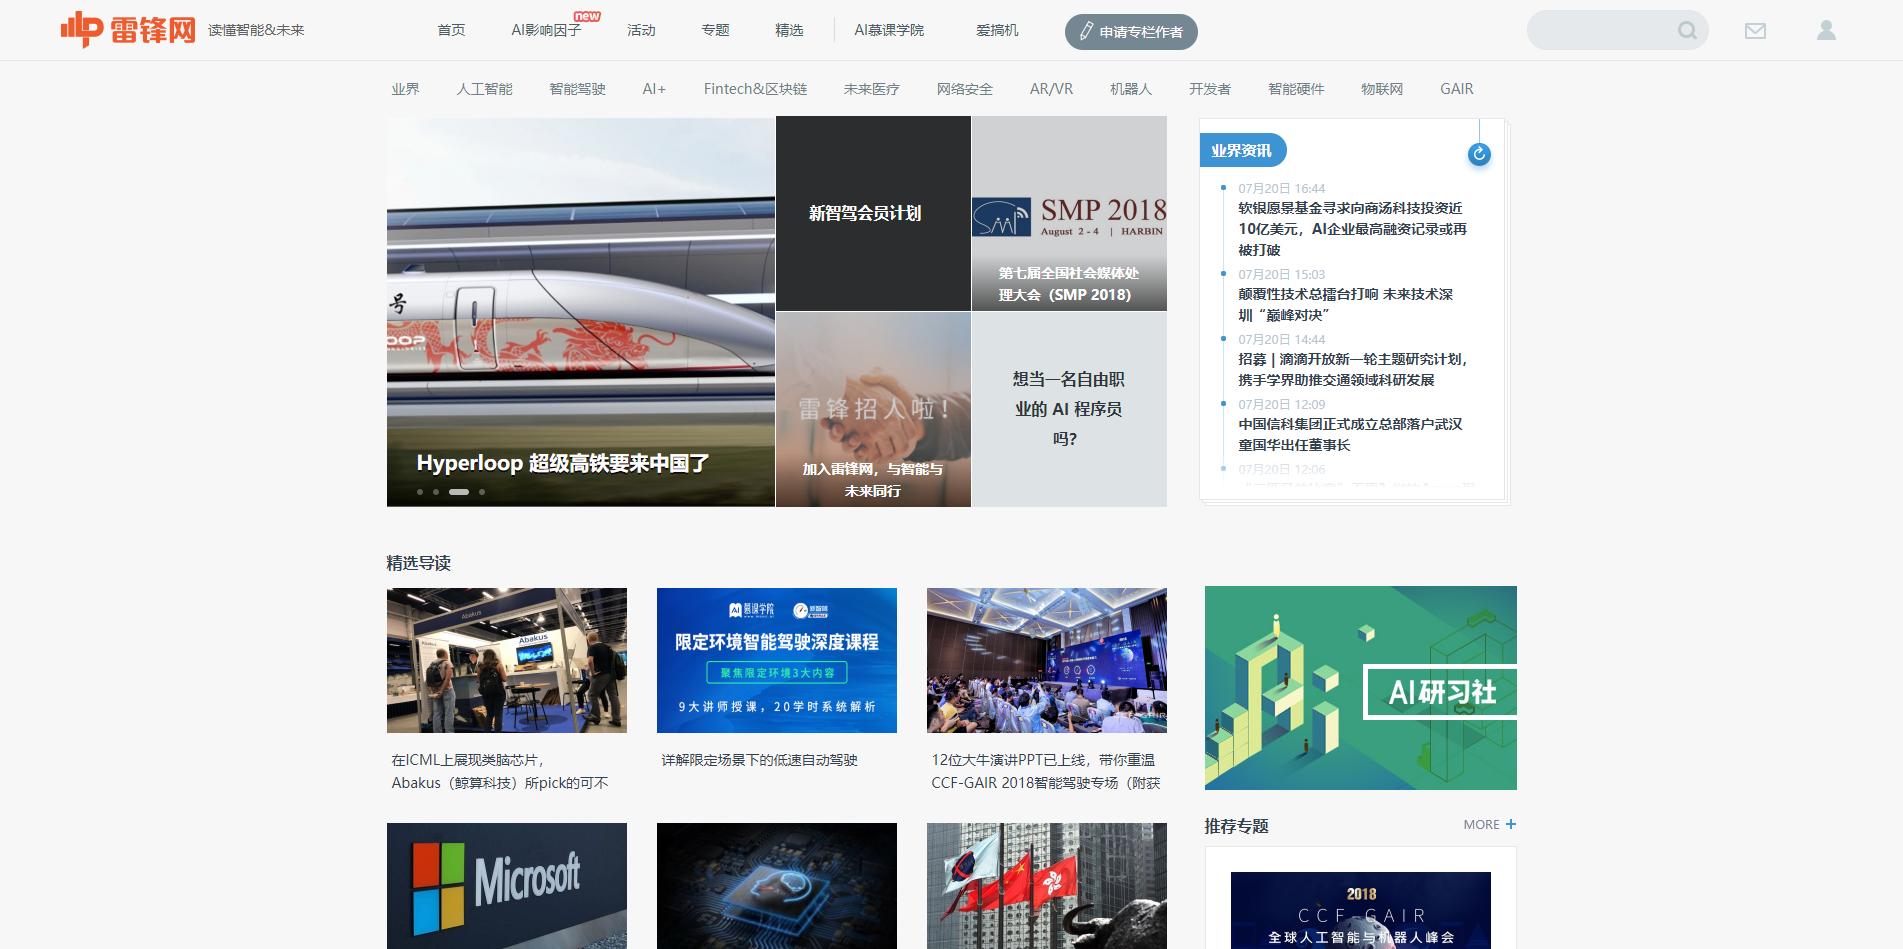 雷锋网 | 读懂智能和未来的互联网资讯媒体